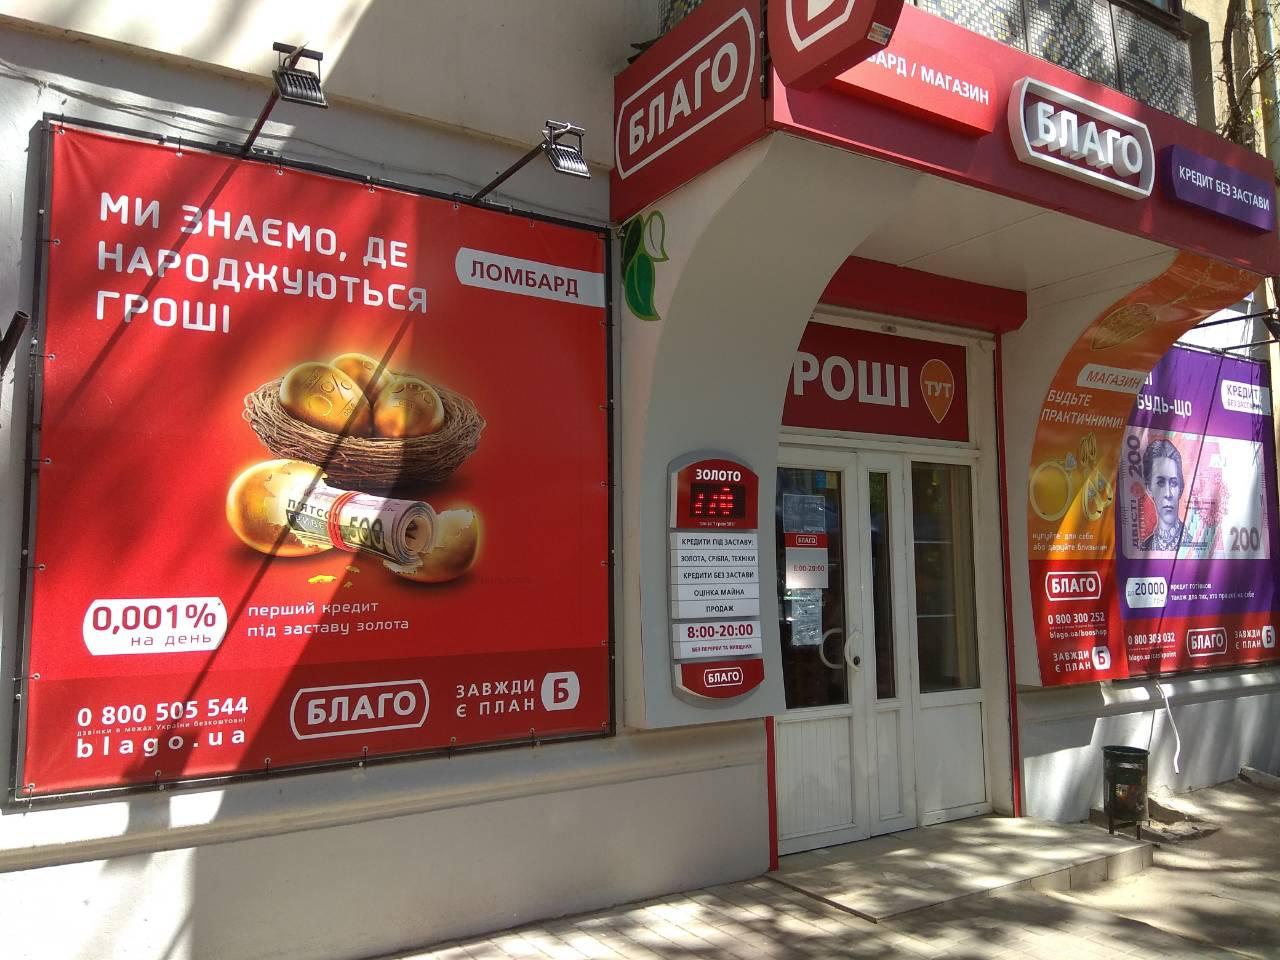 Сеть «Благо» в Одессе пополнилась двумя новыми отделениями